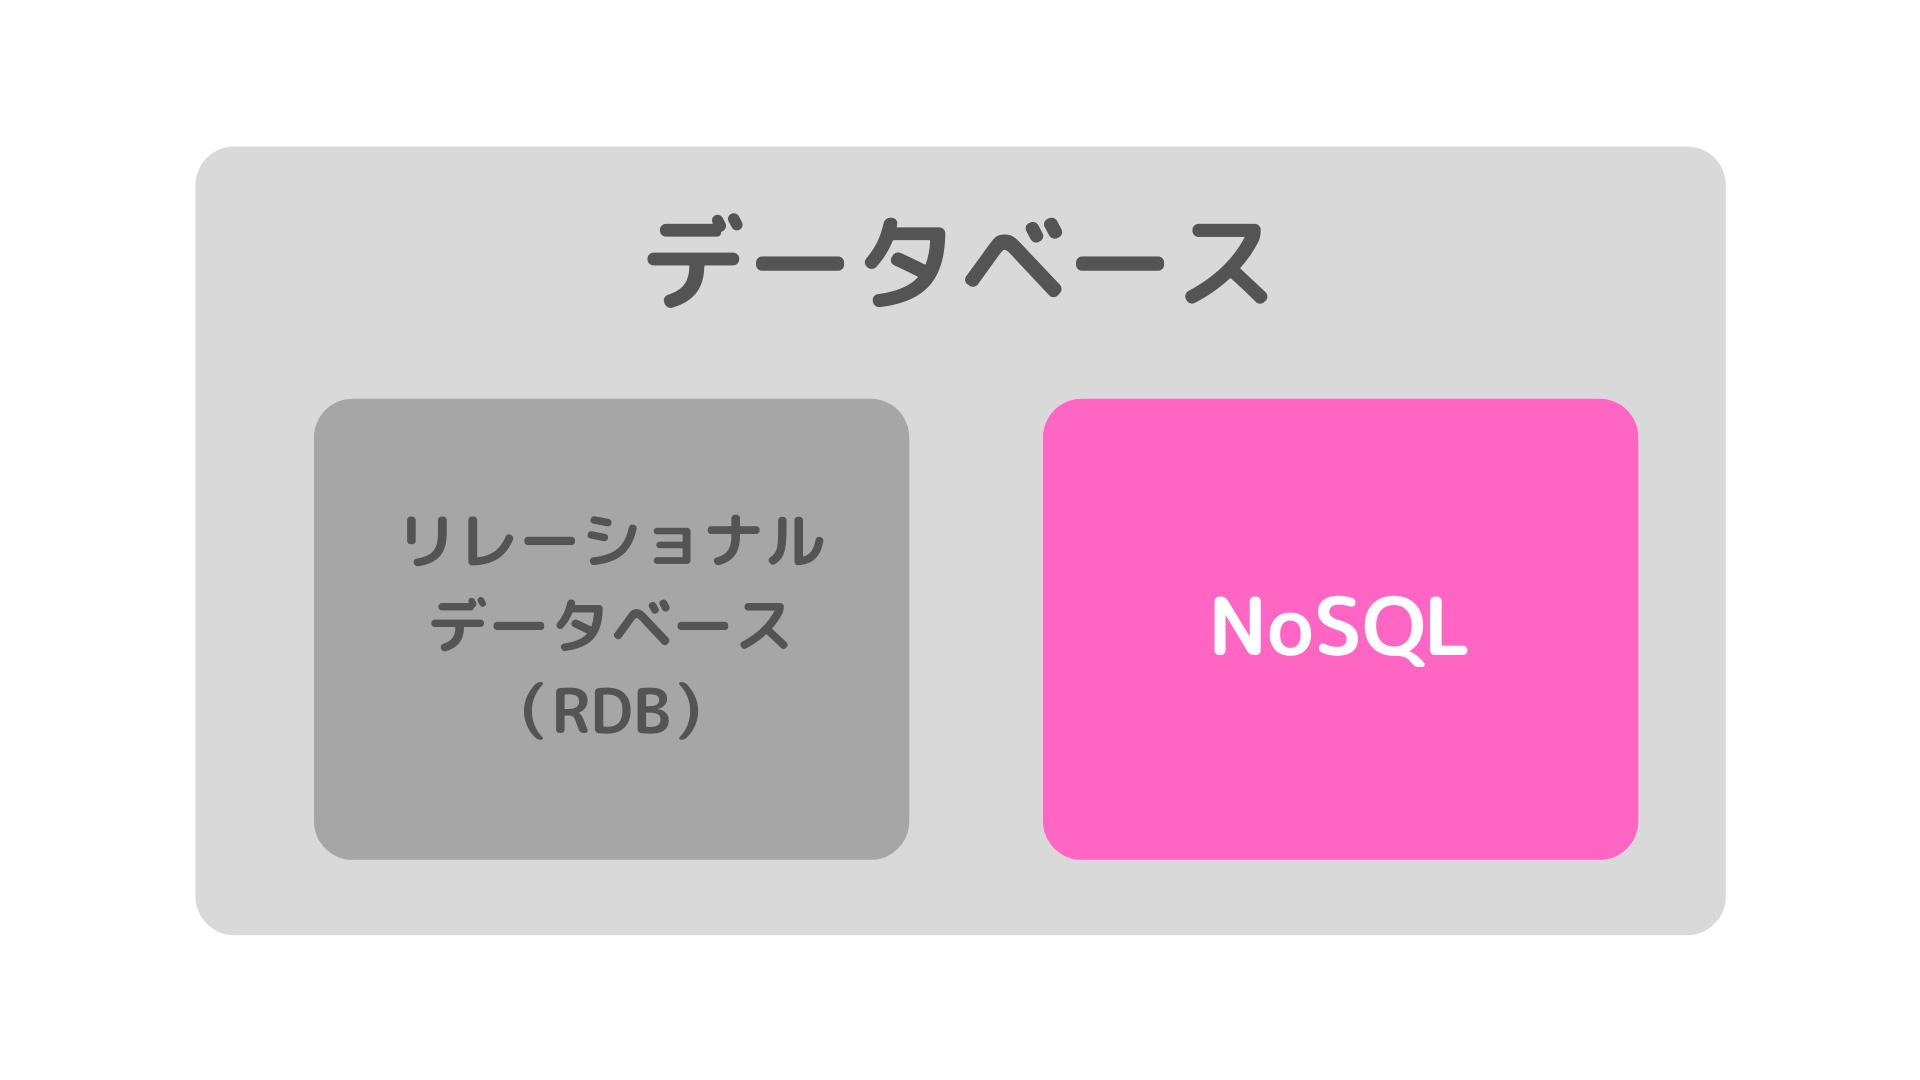 データベース NoSQL 図